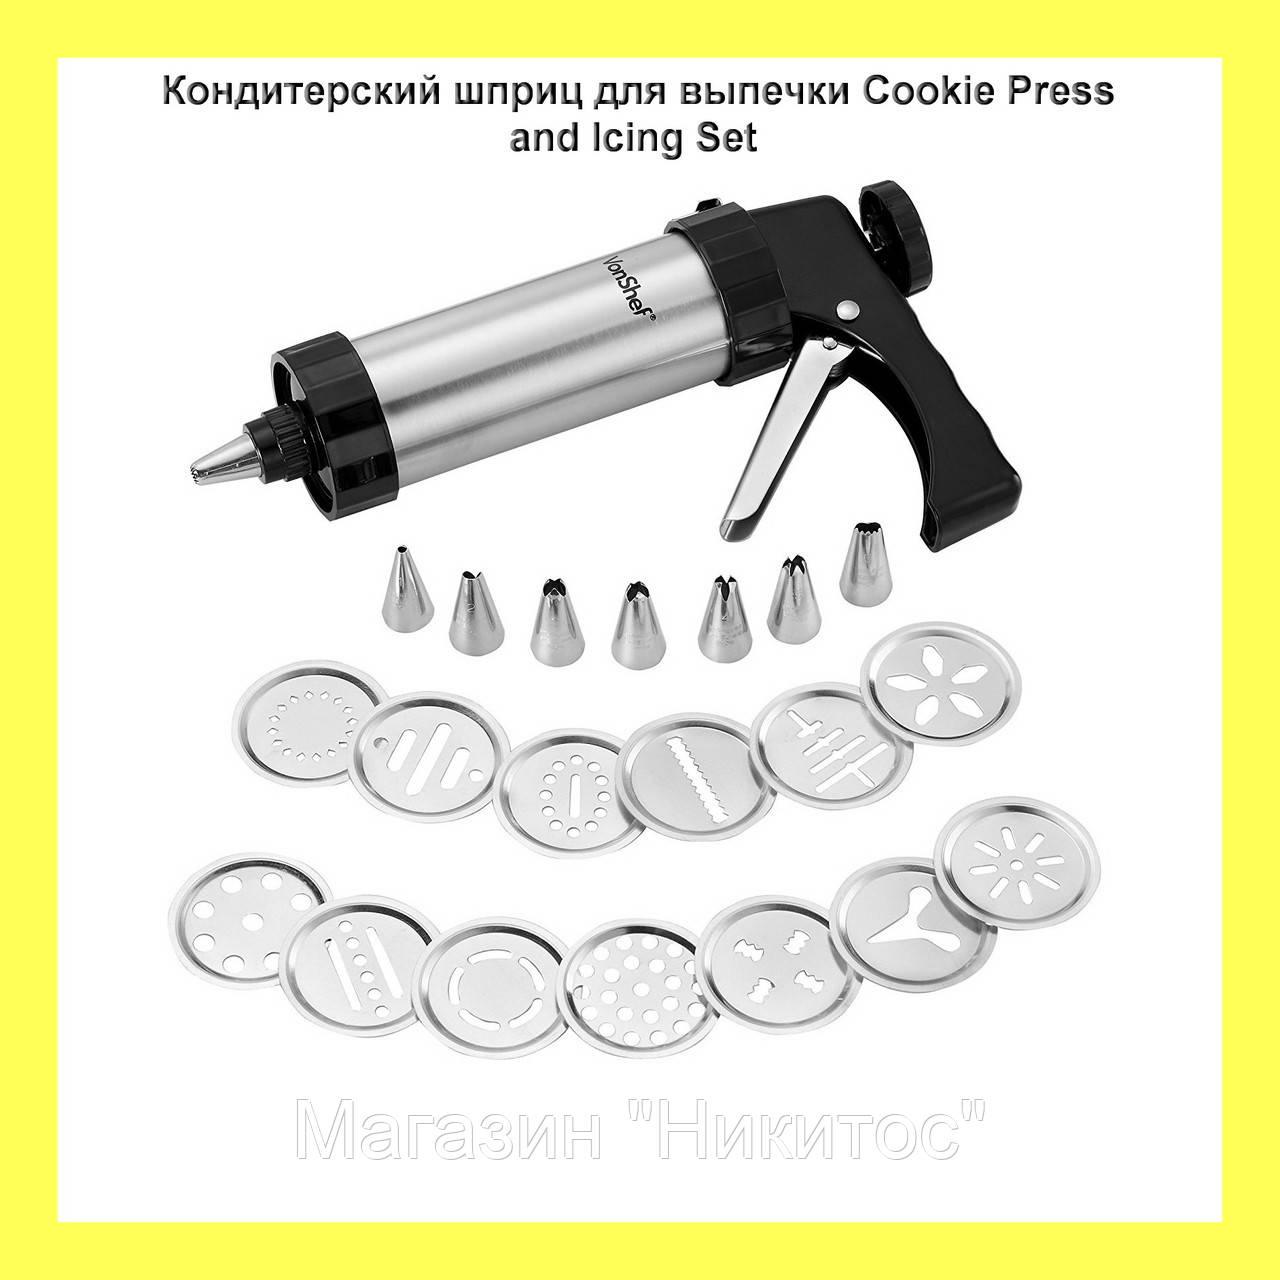 """Кондитерский шприц для выпечки Cookie Press and Icing Set  - Магазин """"Никитос"""" в Одессе"""